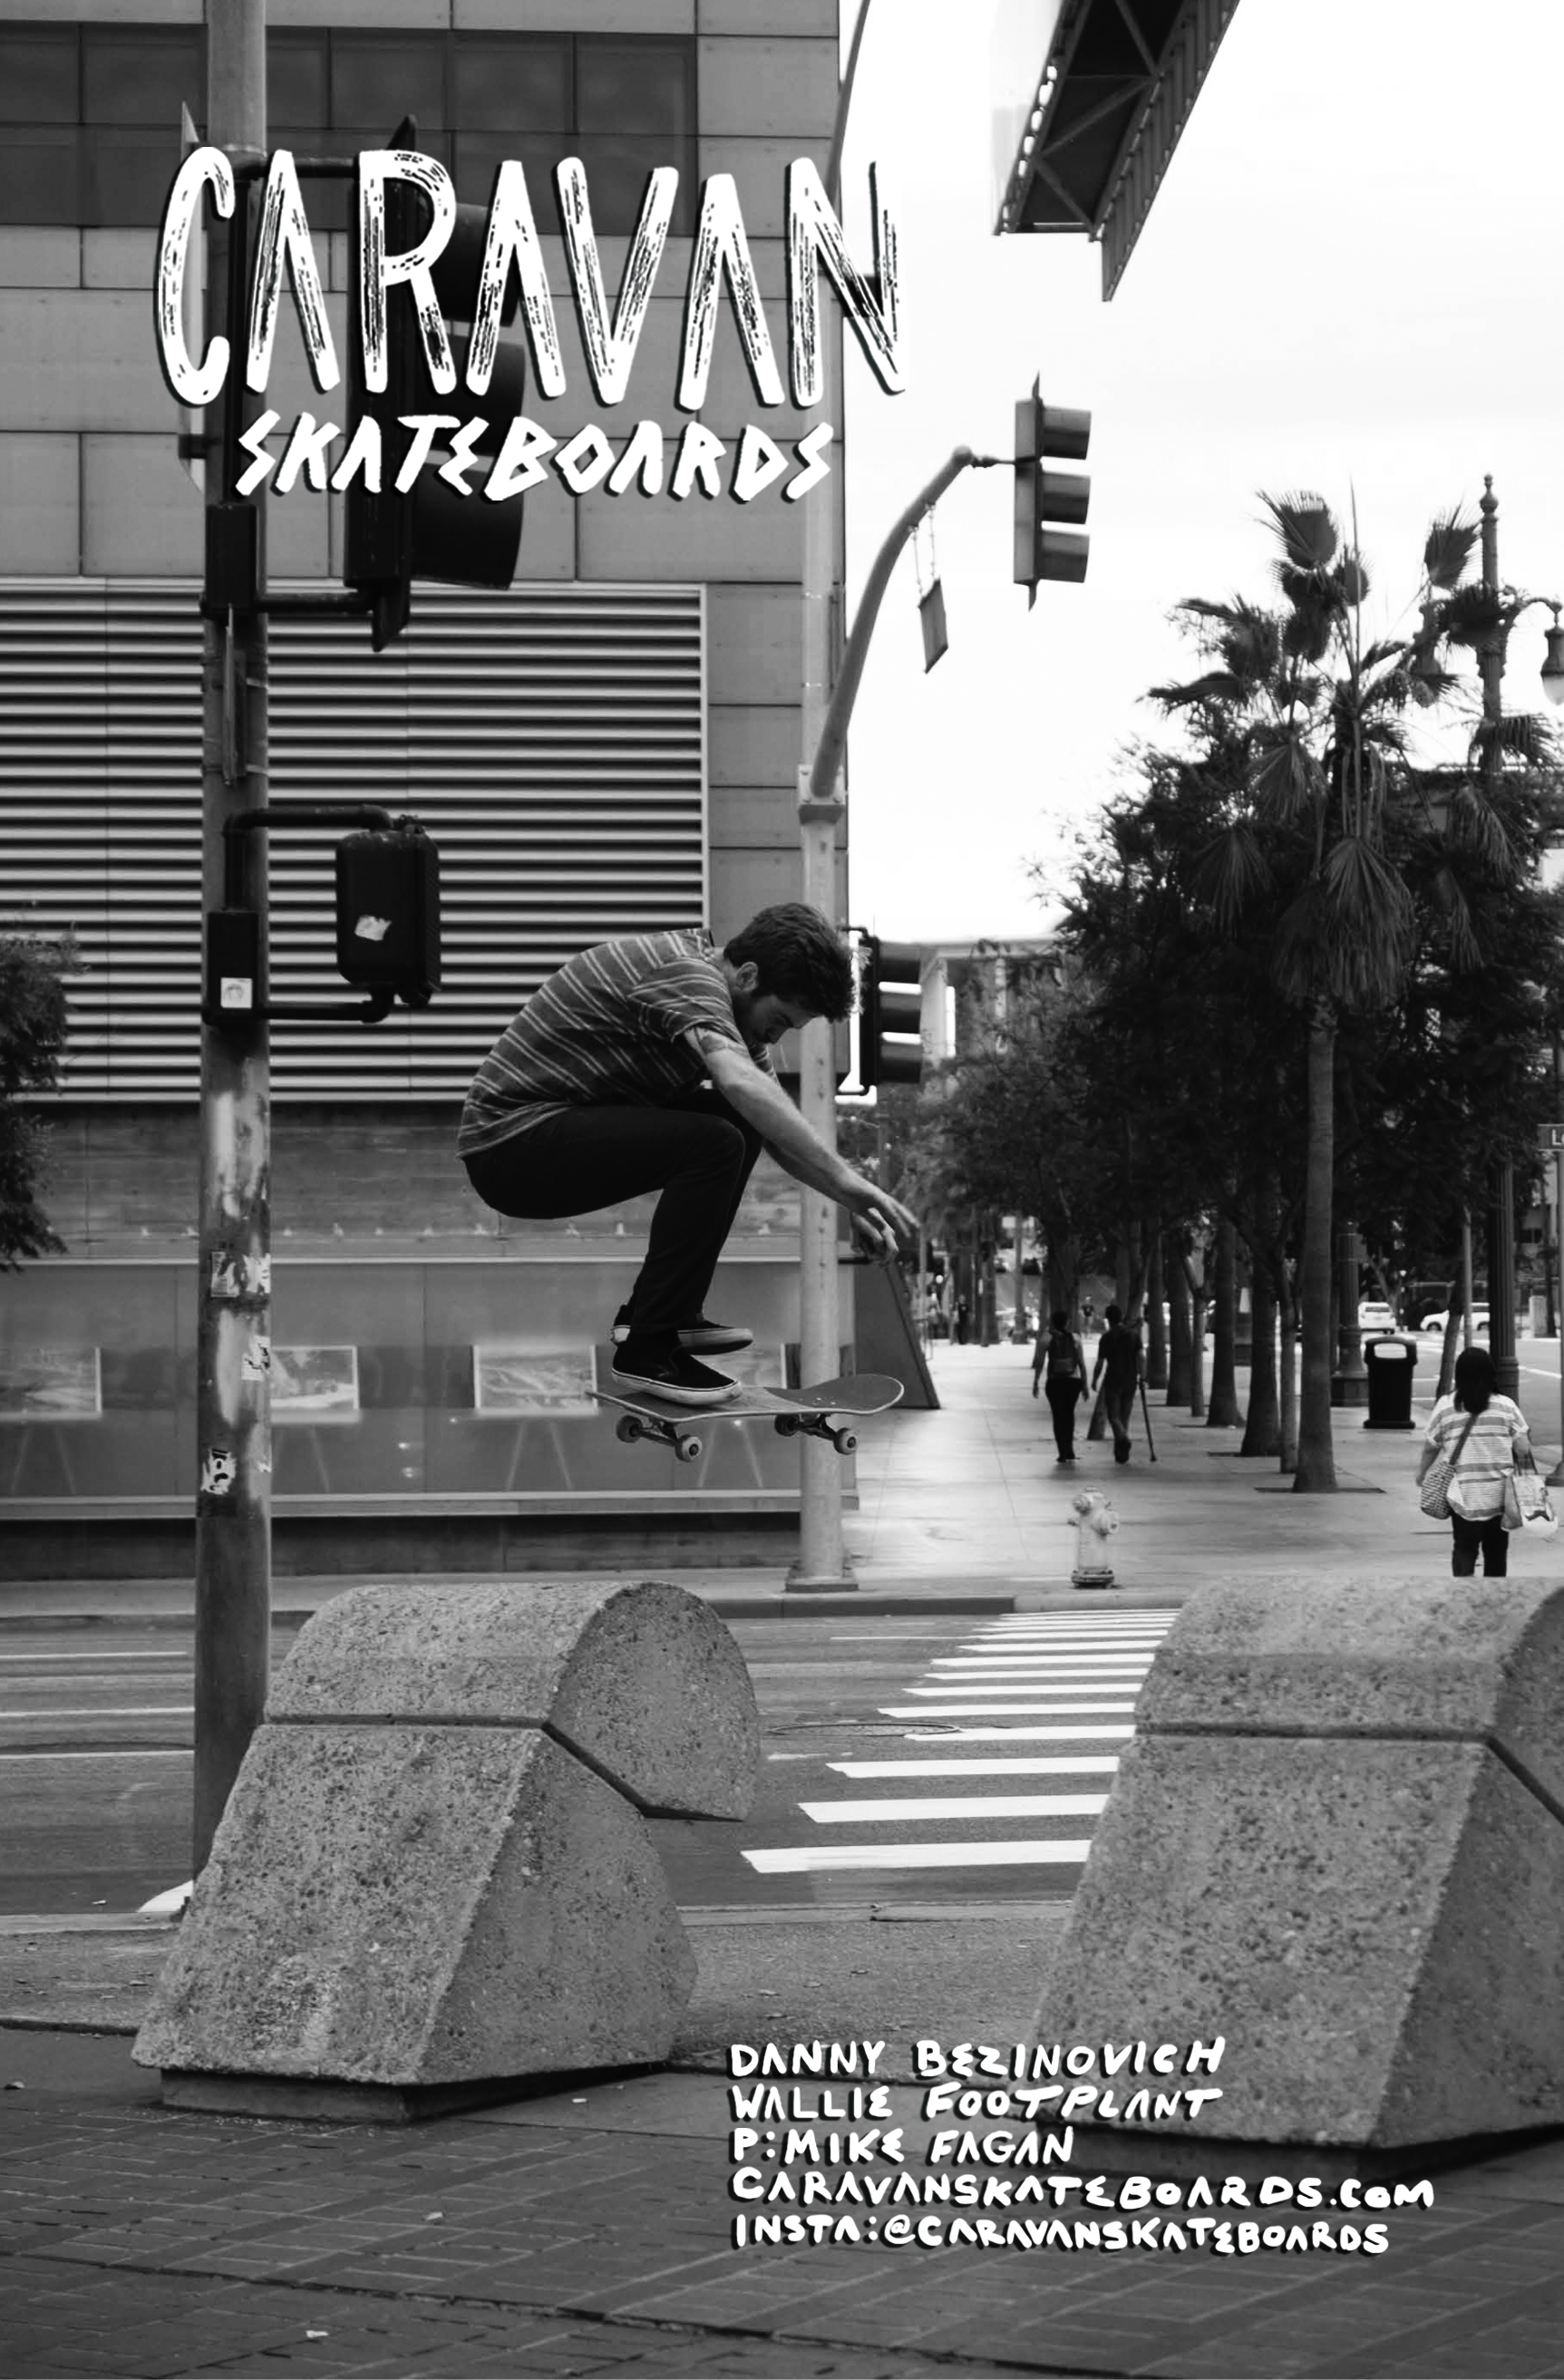 SkateJawnOct18_Caravan_DannyWallieFootplant_MikeFagan.jpg